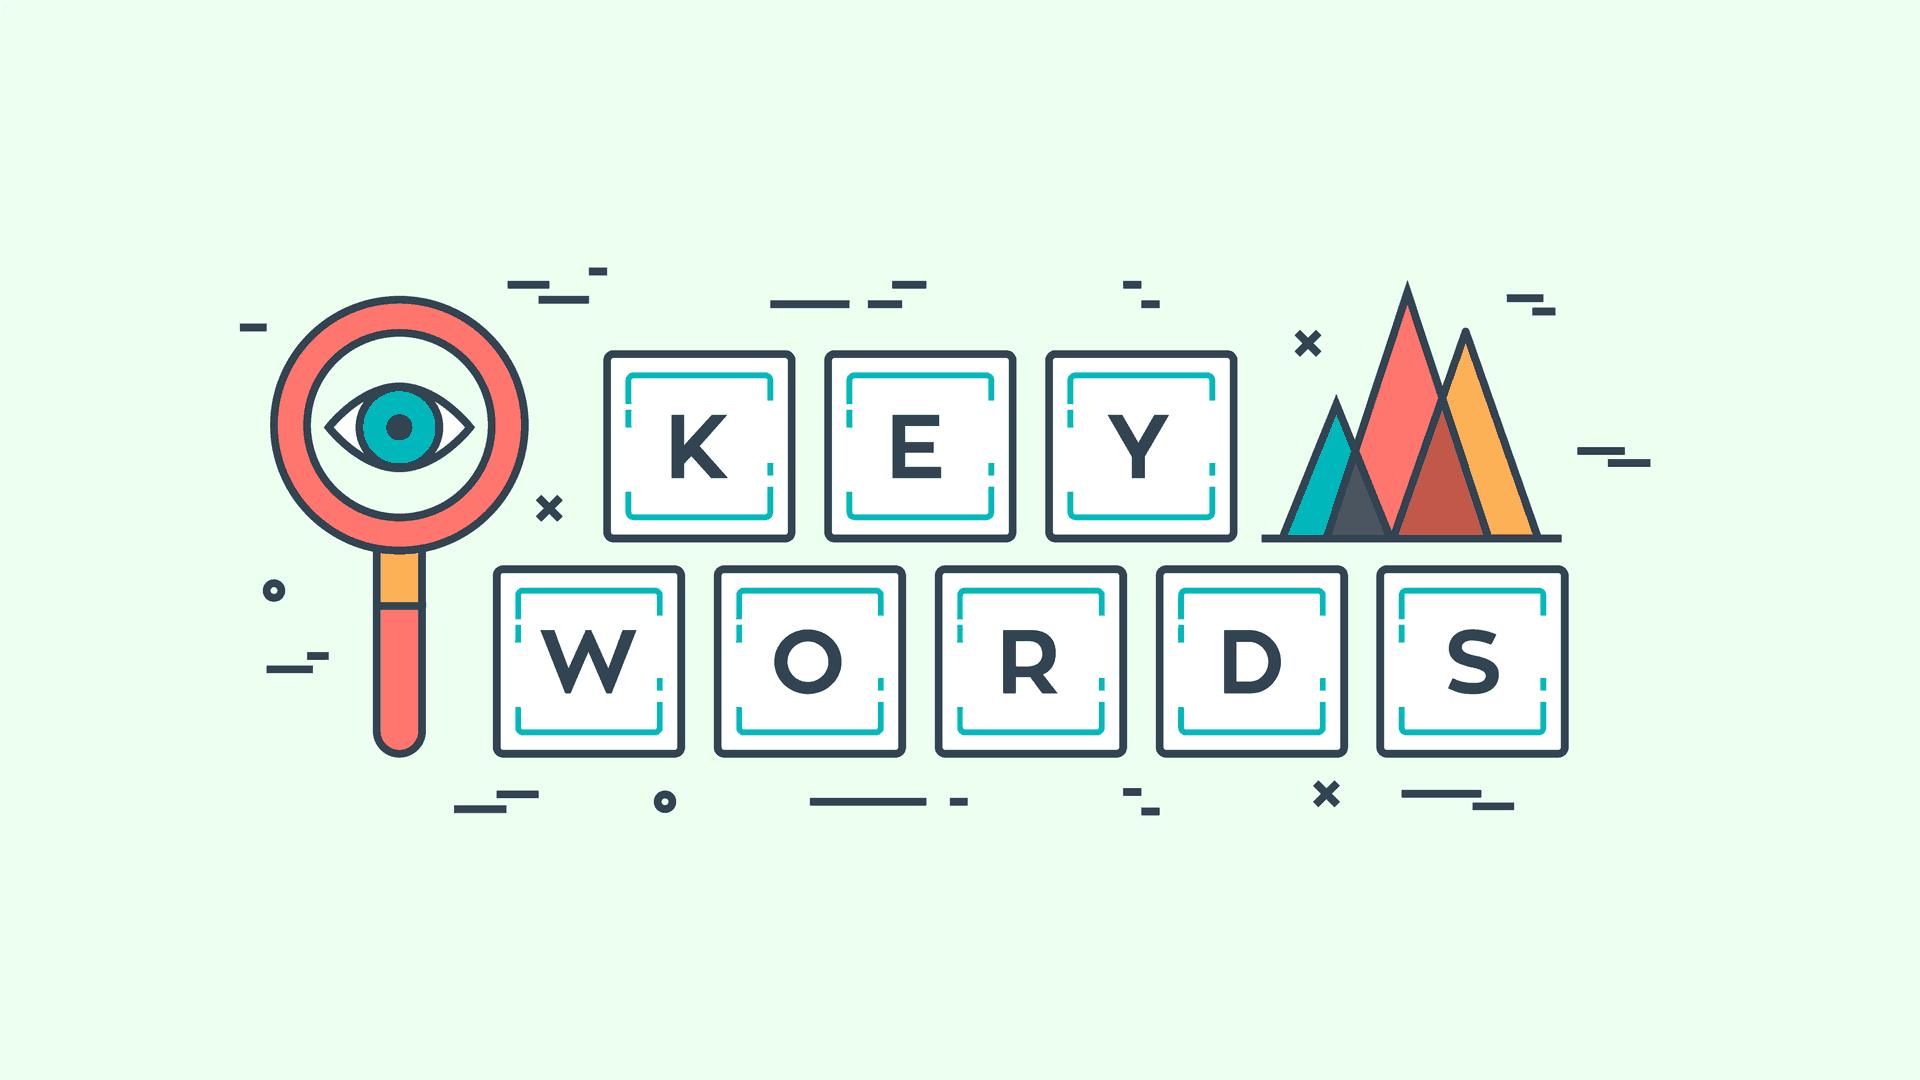 3 semne de avertizare pe care trebuie să le optimizați în cazul cuvintelor-cheie greșite